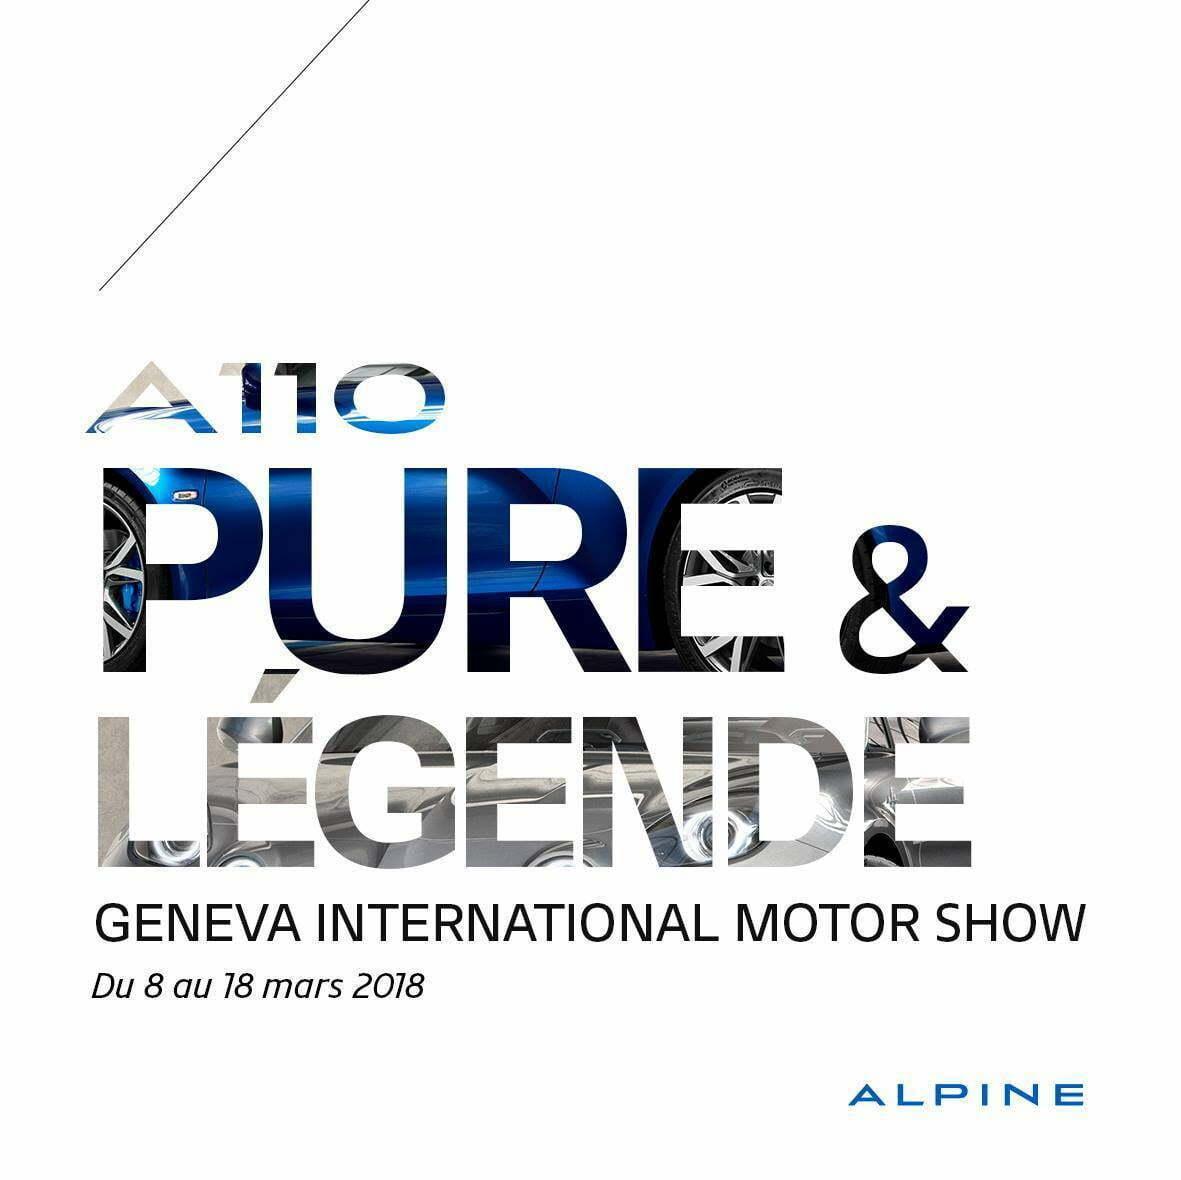 alpine a110 pure legende salon geneve gims 2018 | Les Alpine A110 Pure et Legende se montrent avec de nouvelles photos pour le Salon Helvetique